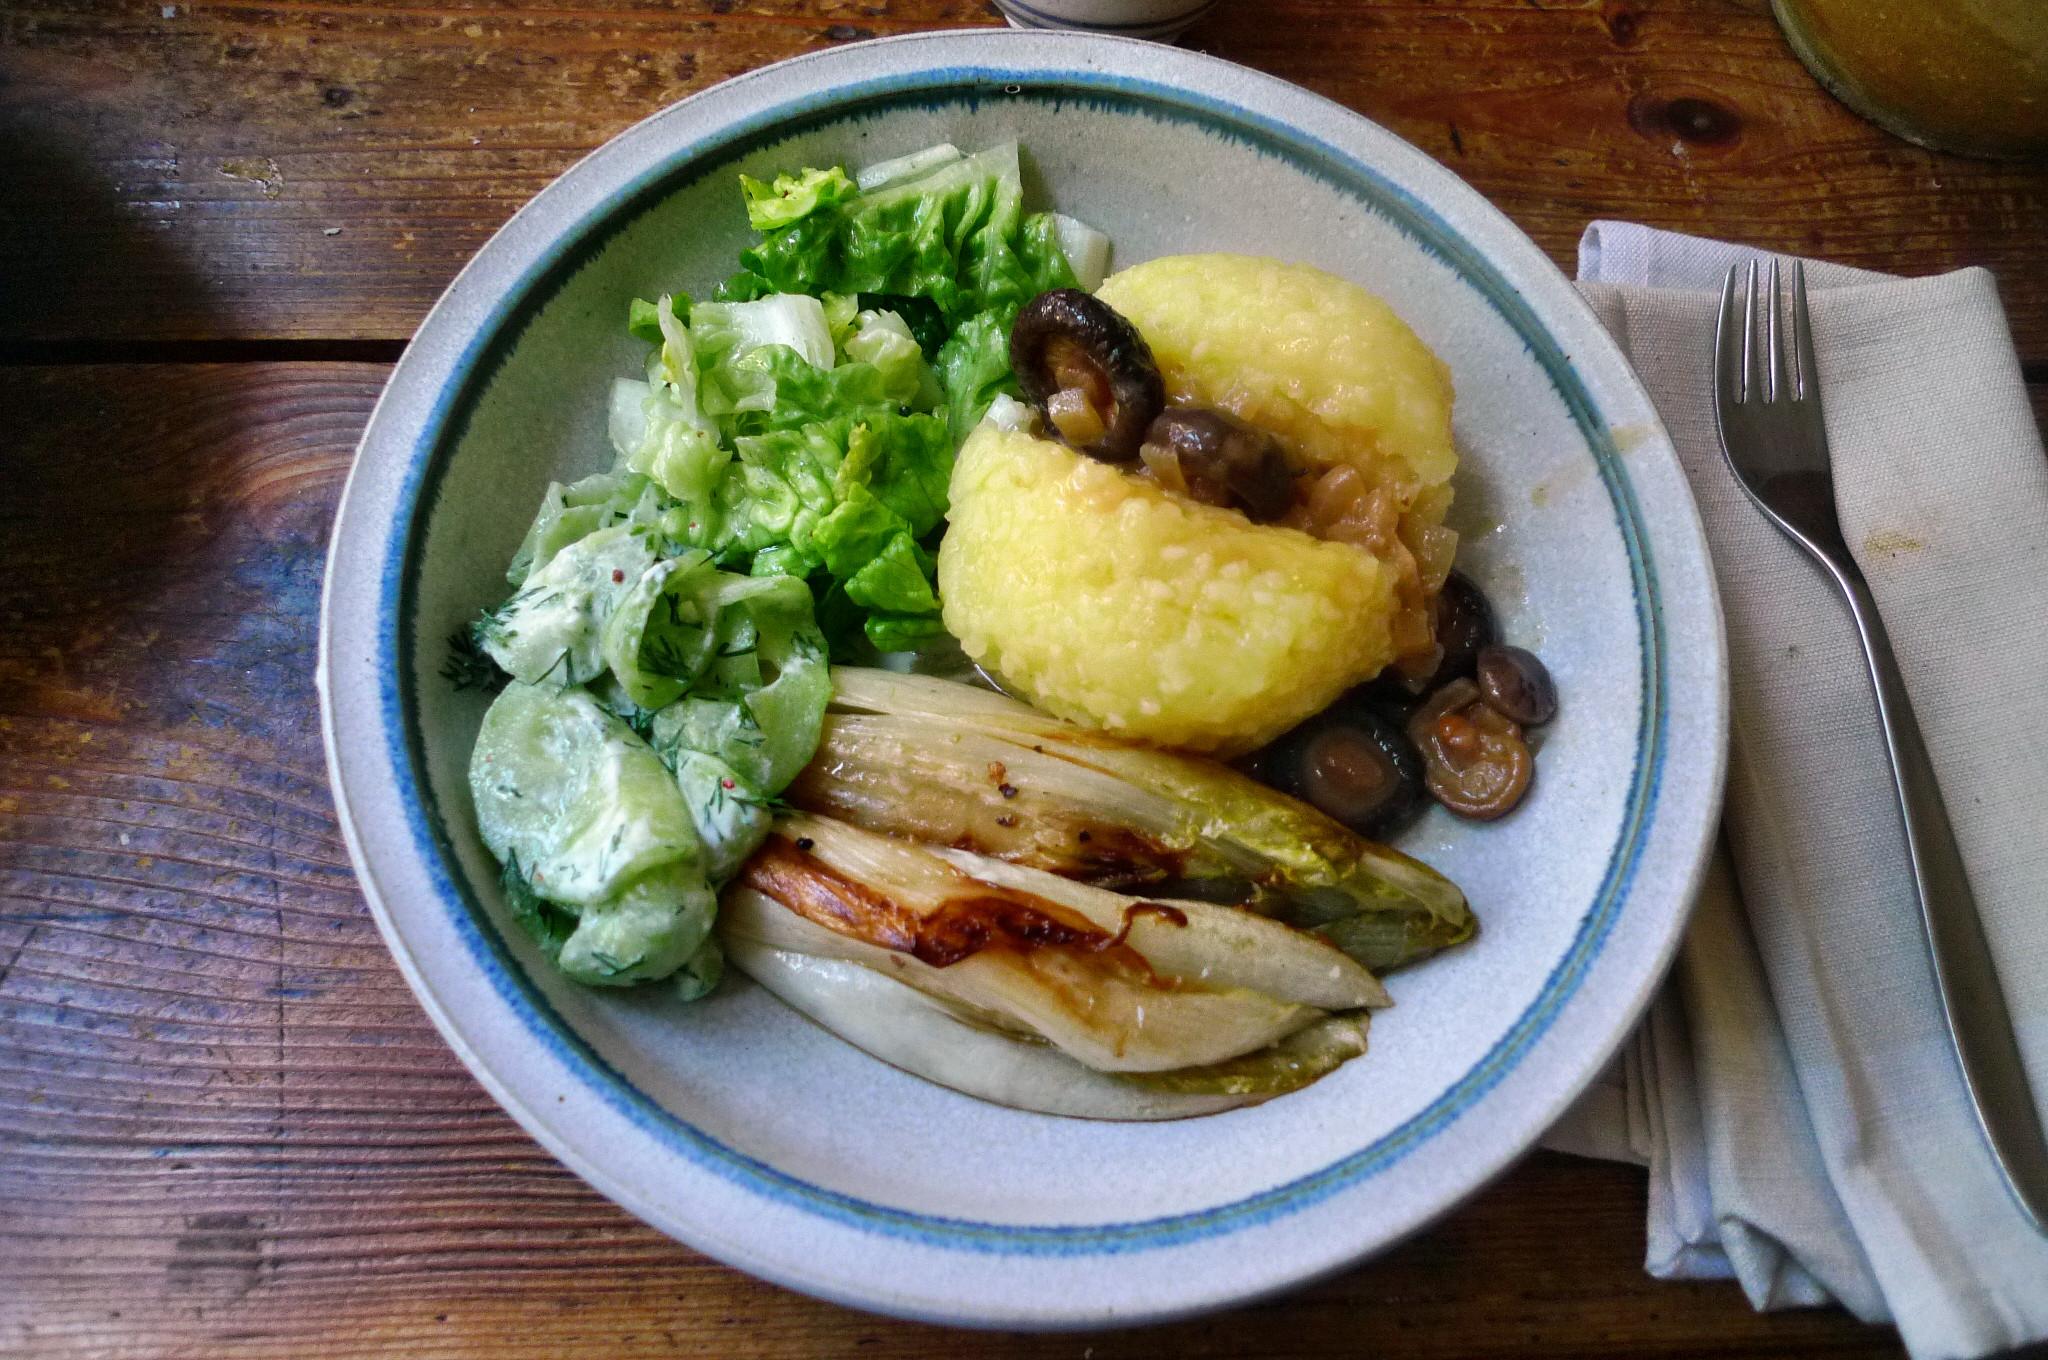 Klöße,Pilzsauce,Salate-8.2.15   (17)